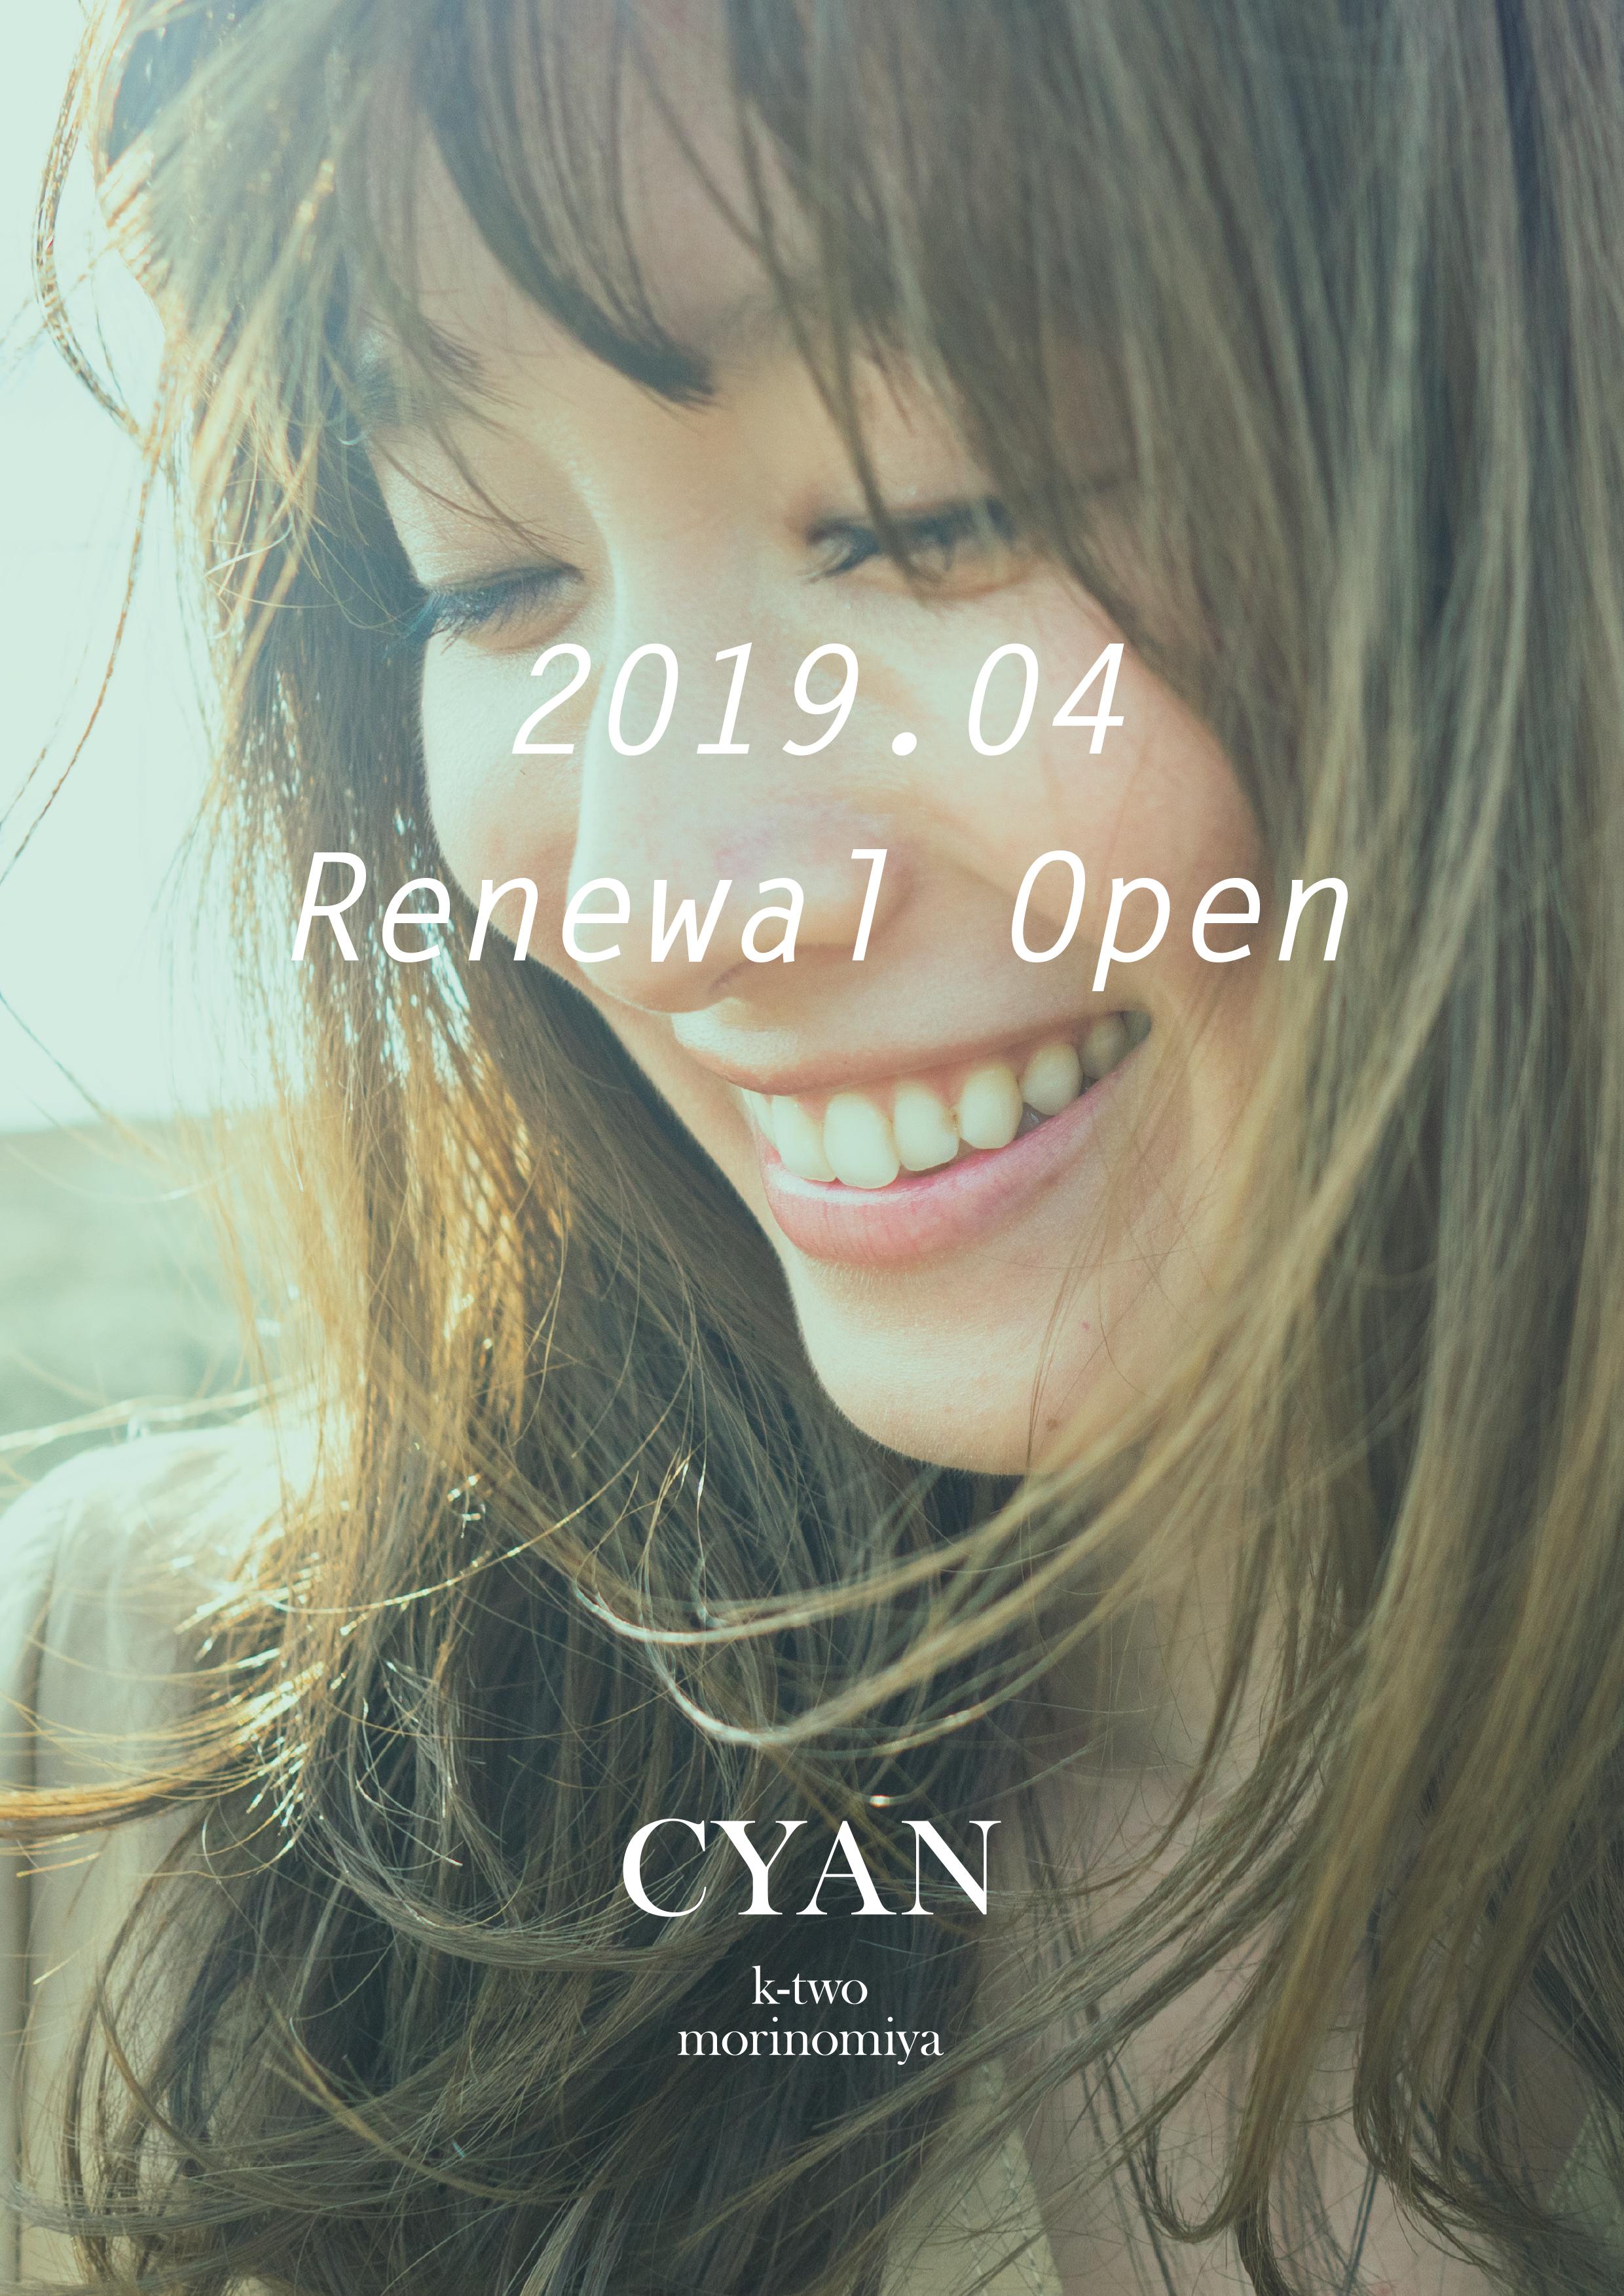 4/3 CYAN k-two morinomiya リニューアルオープンのお知らせ1